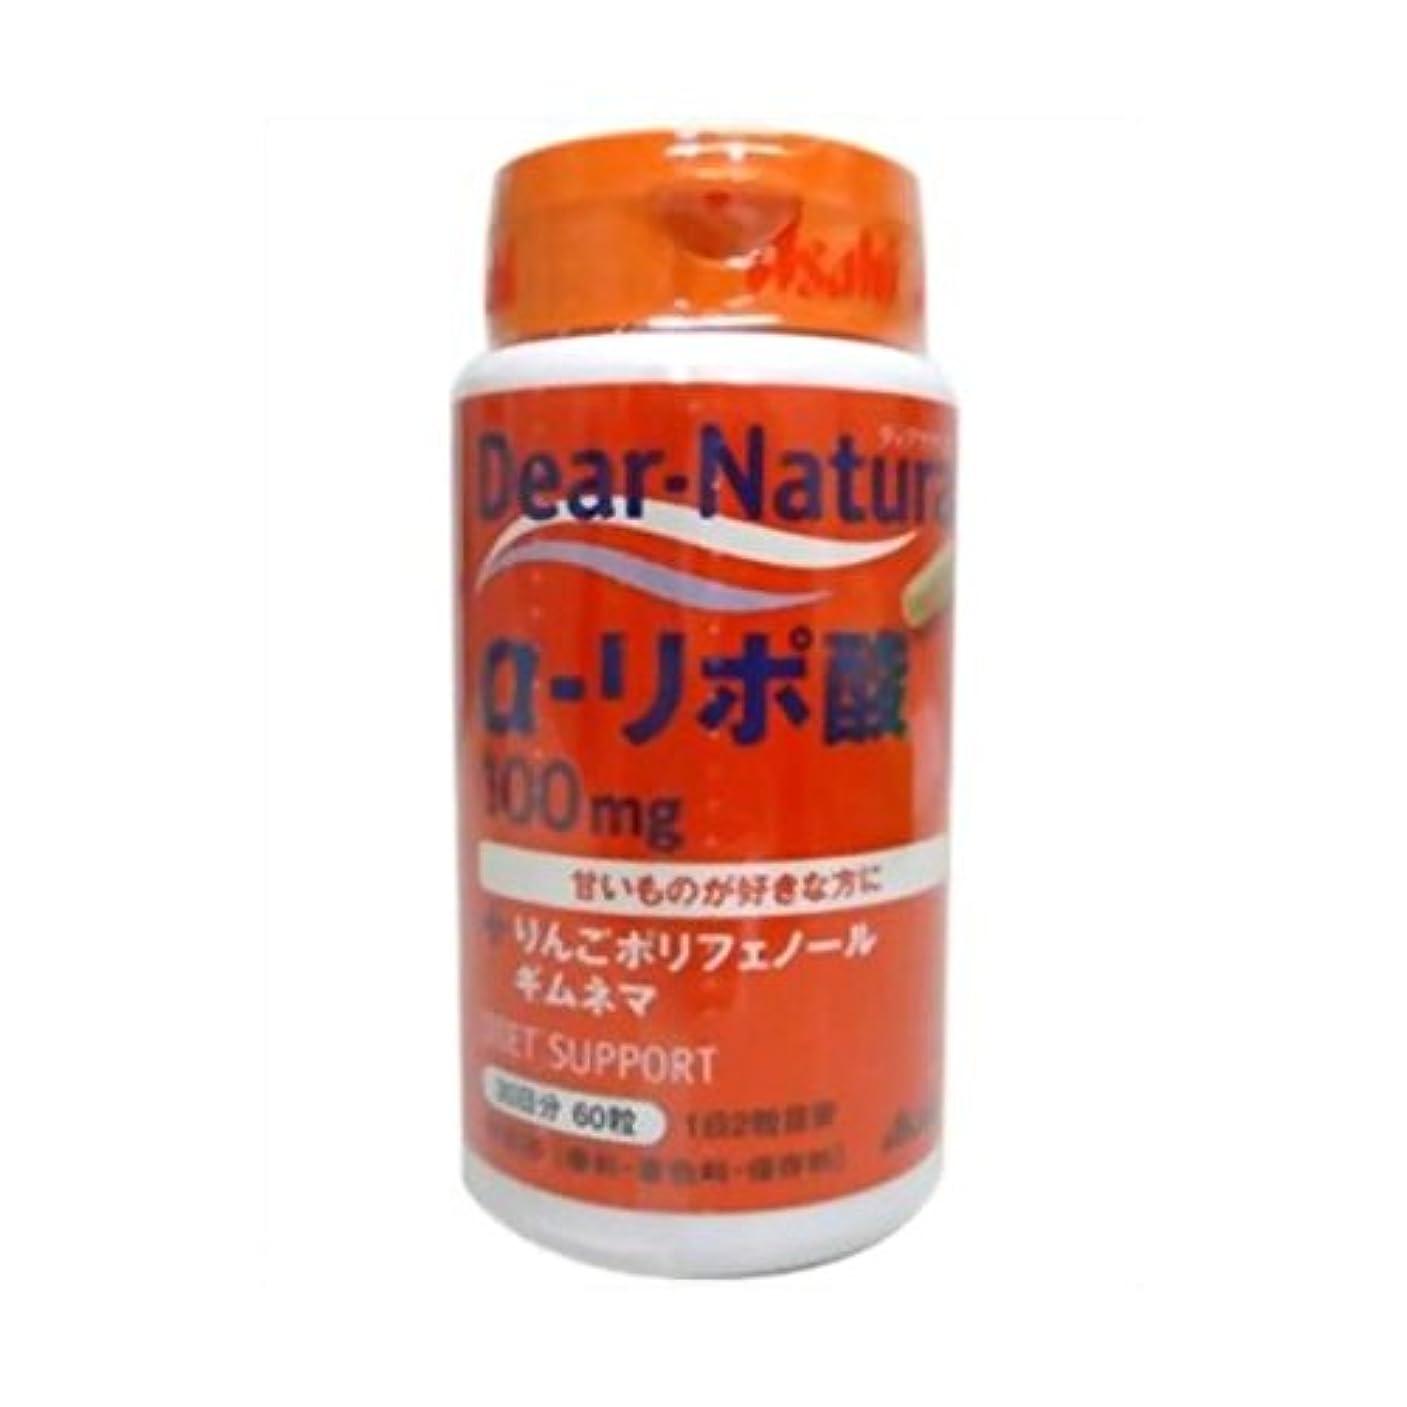 極端な便利滑り台アサヒ ディアナチュラ α-リポ酸(60粒) 2箱